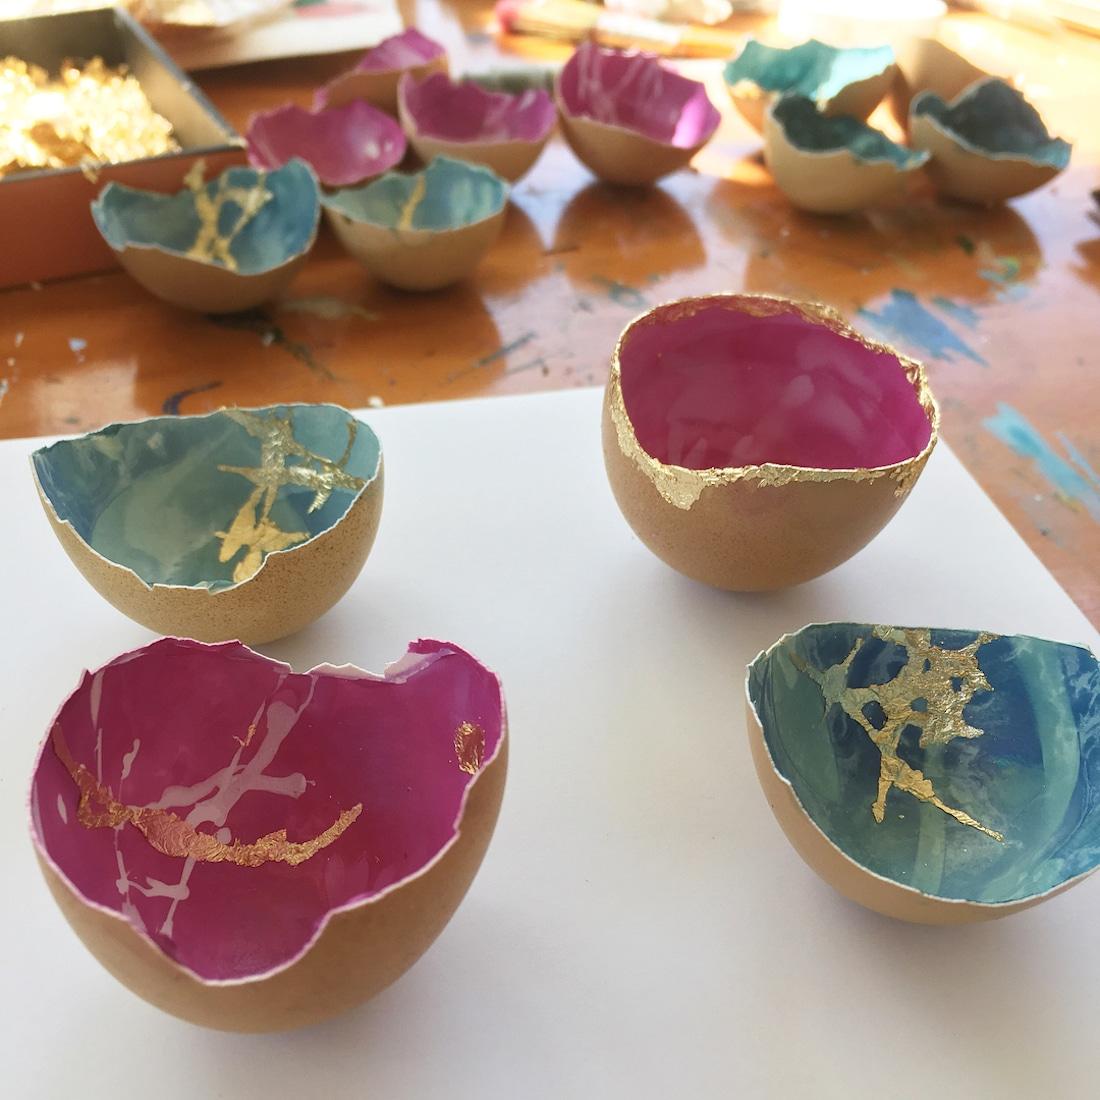 Contemporary Kintsugi Eggshells Kintsugi Eggs Elisa Sheehan